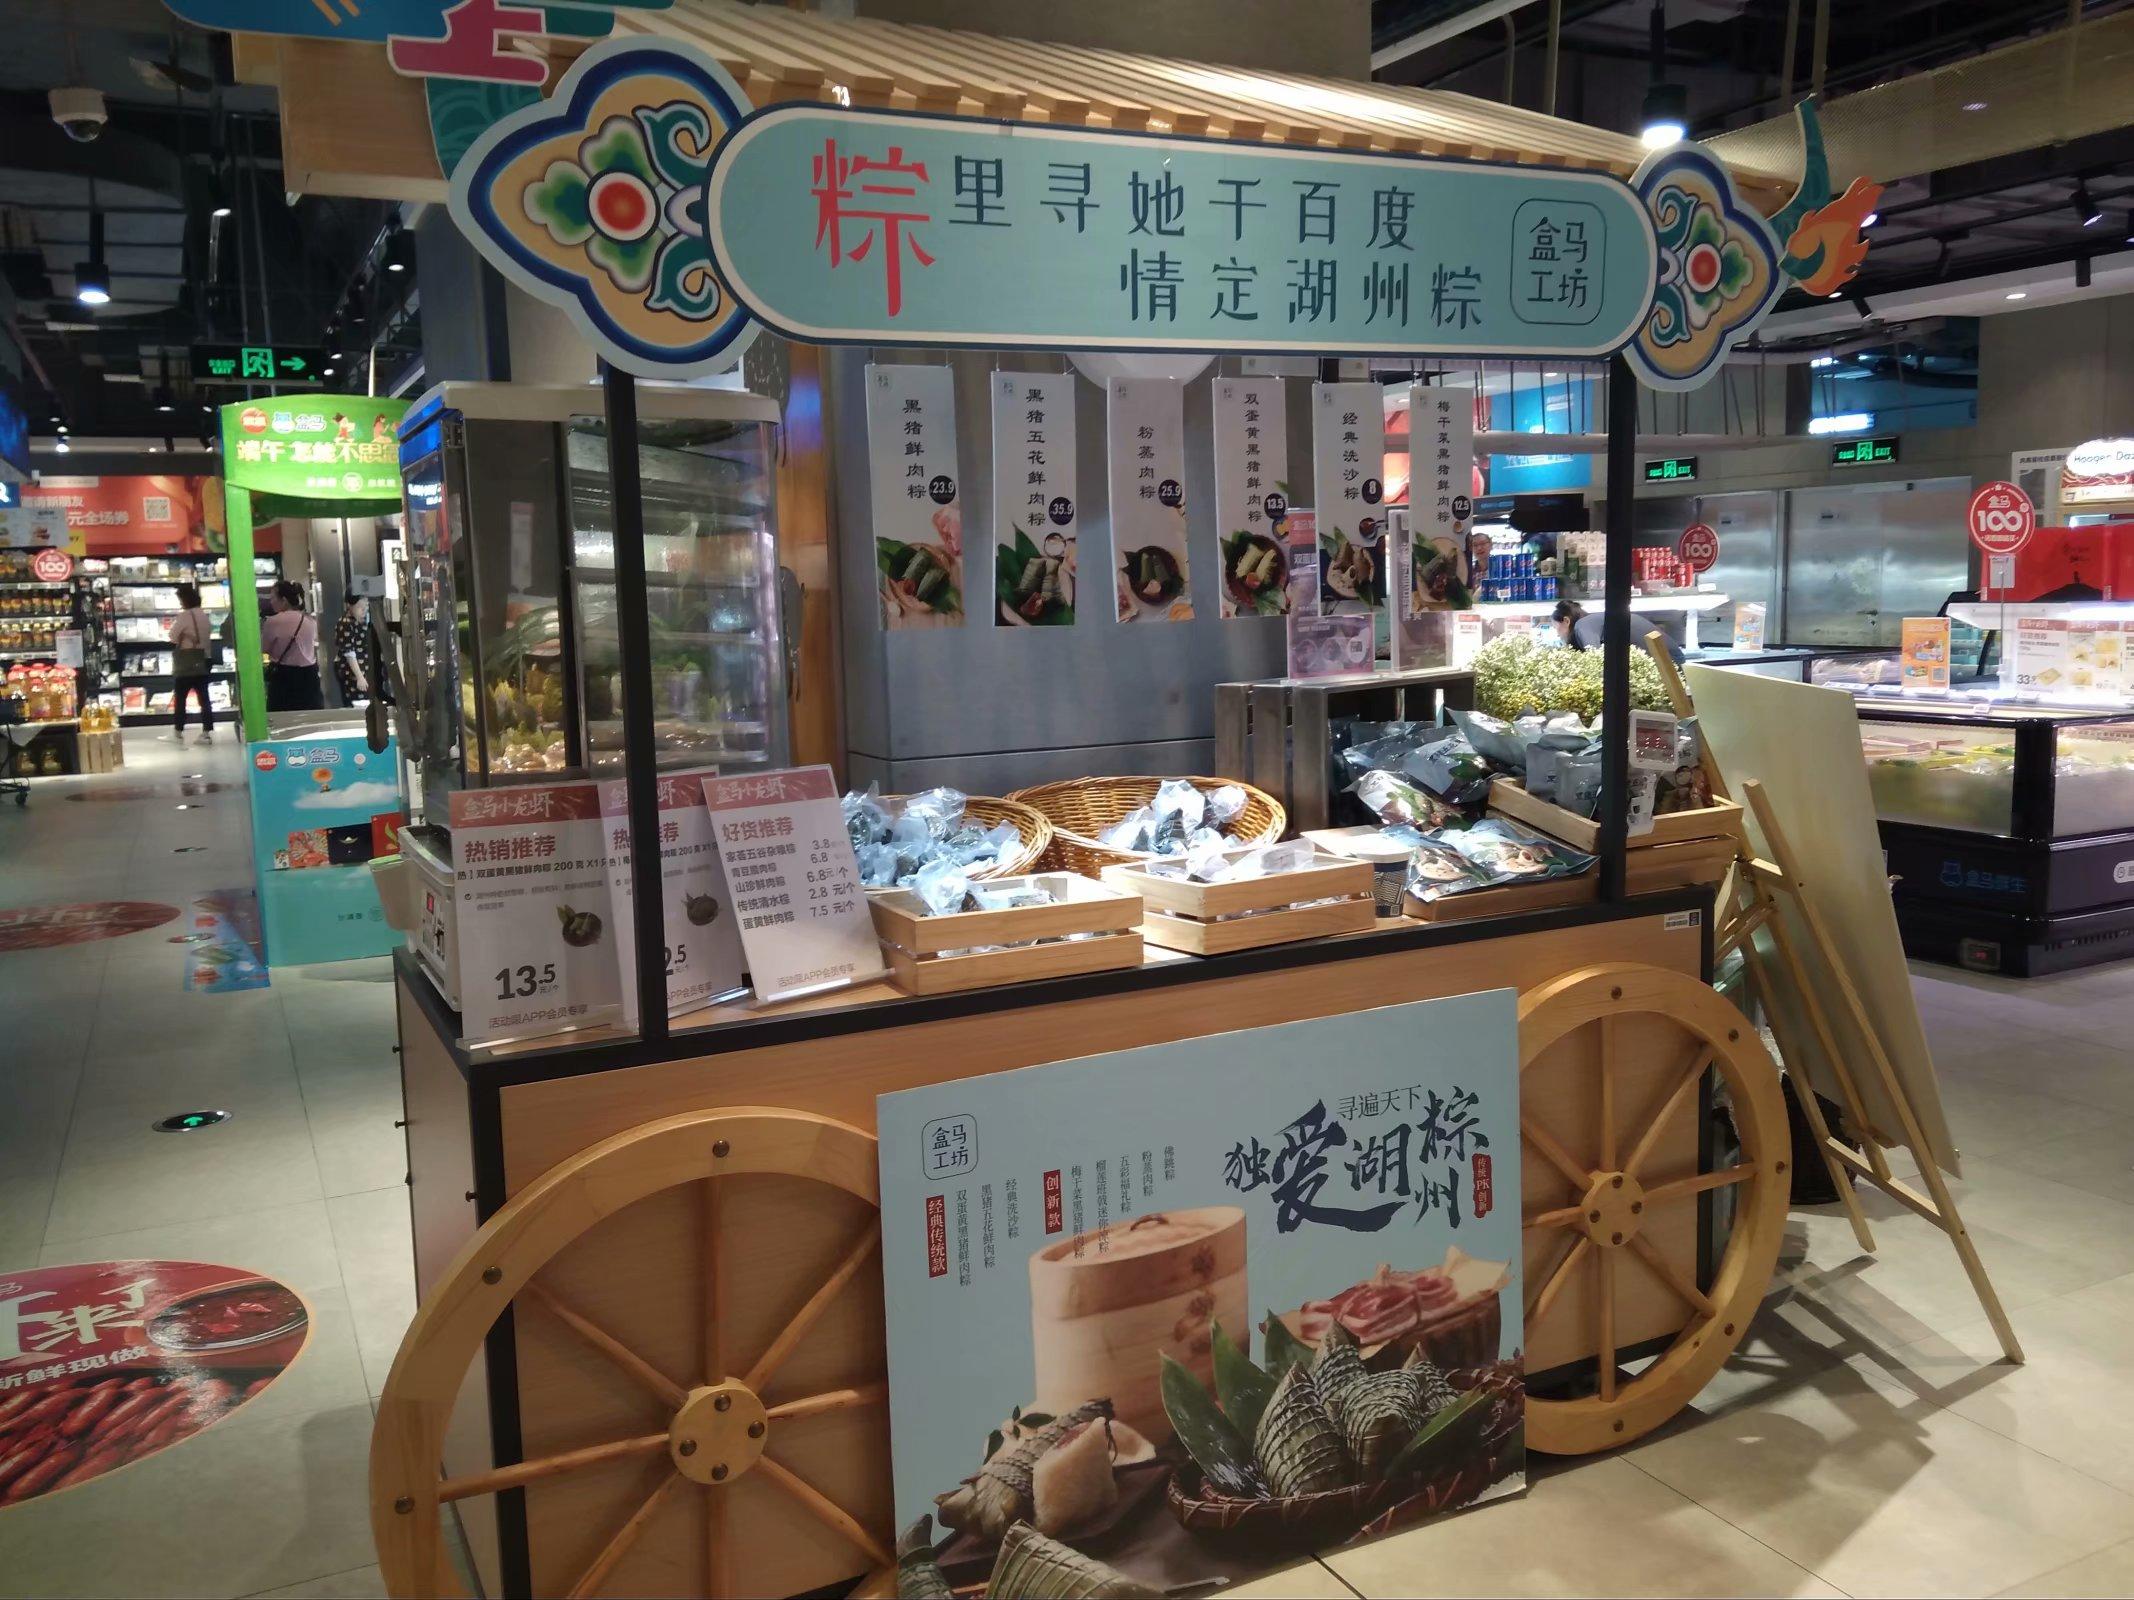 重庆:端午节未到  各大超市粽子抢鲜上市